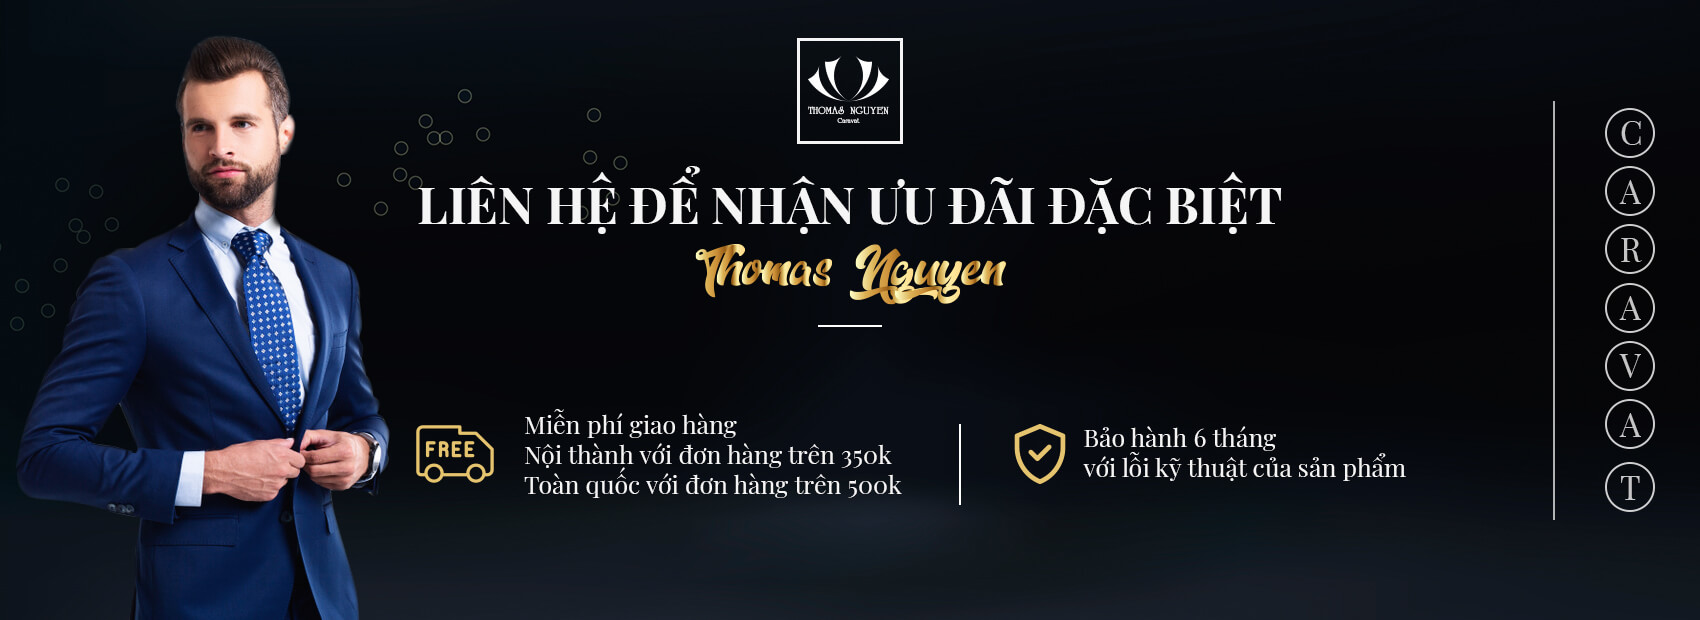 Chính sách ưu đãi của Thomas Nguyen